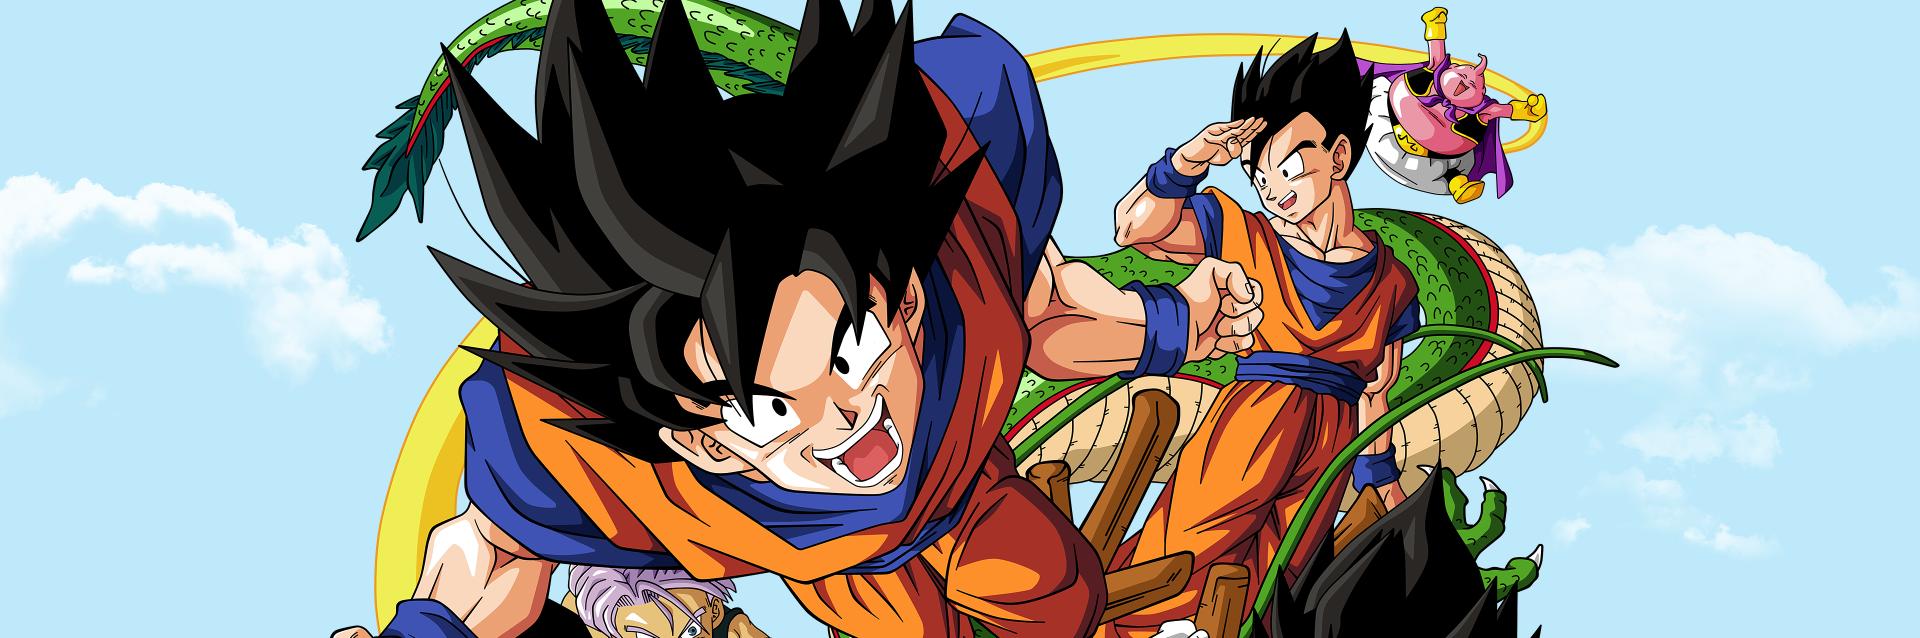 Il existe plusieurs séries animées dans l'univers de« Dragon Ball».